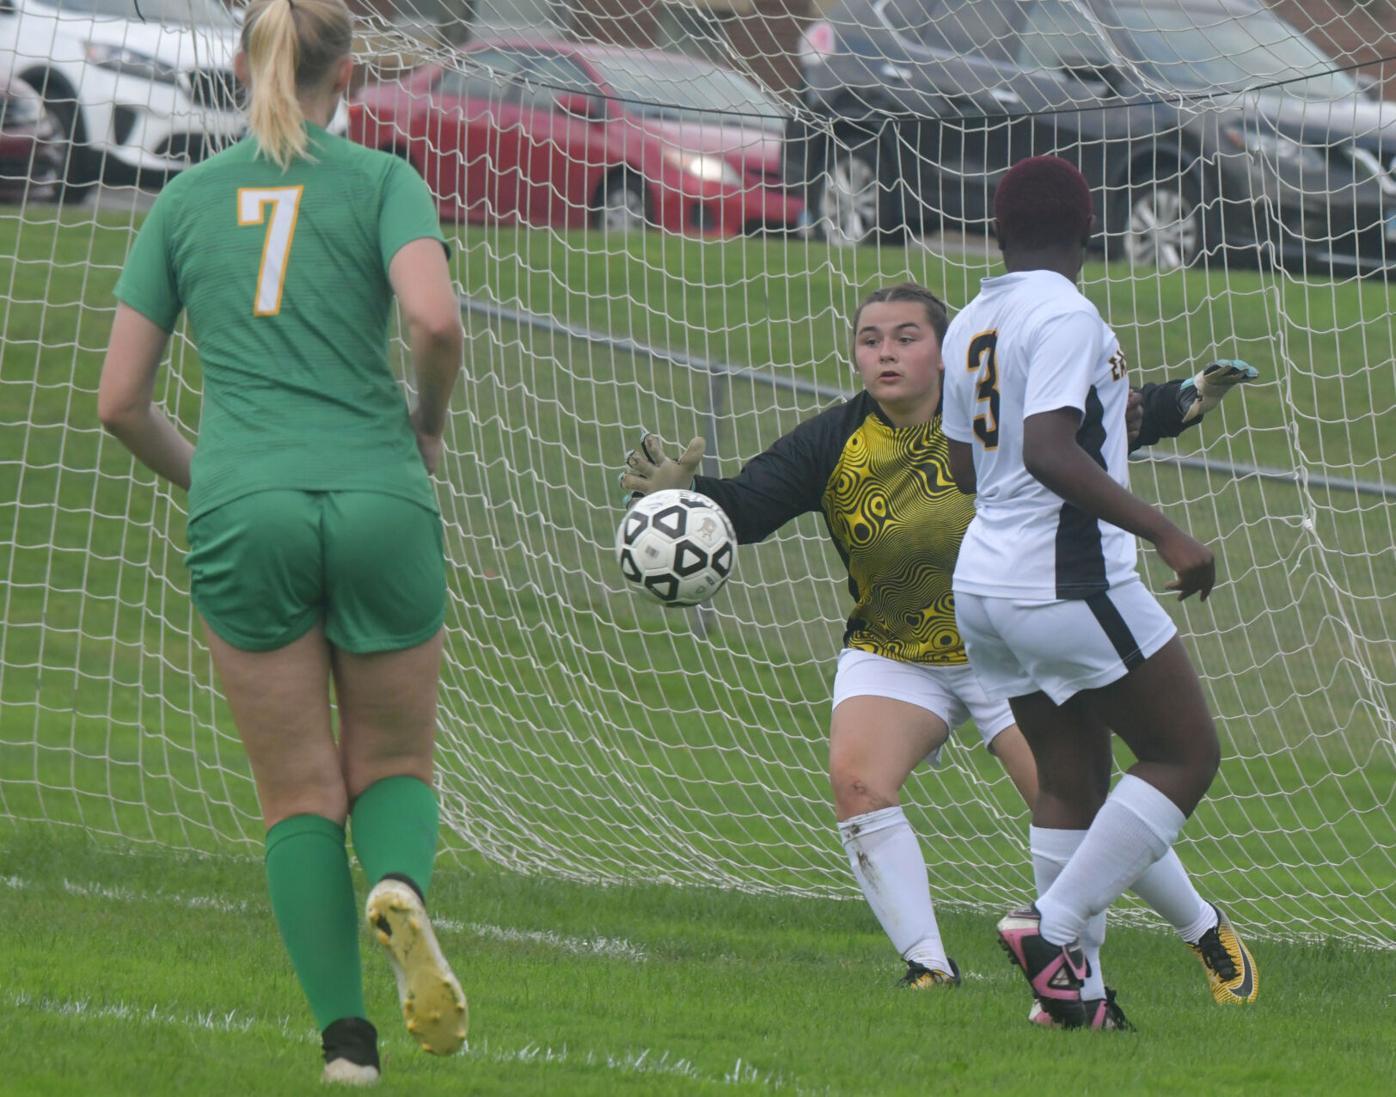 091621 CO EW Girls Soccer 02.jpg